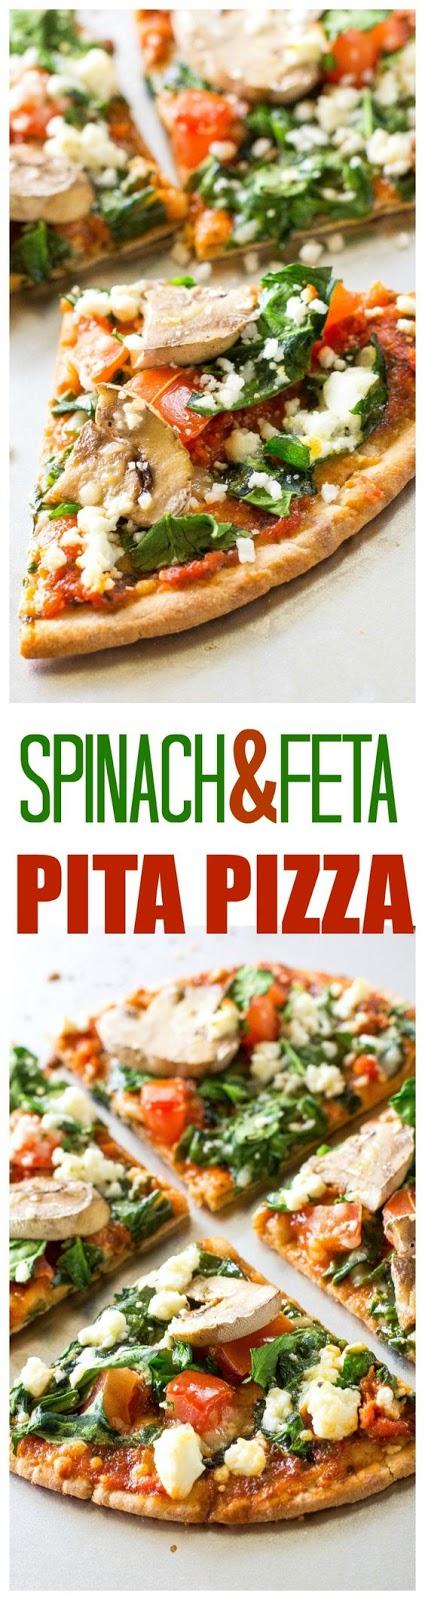 SPINACH AND FETA PITA PIZZA